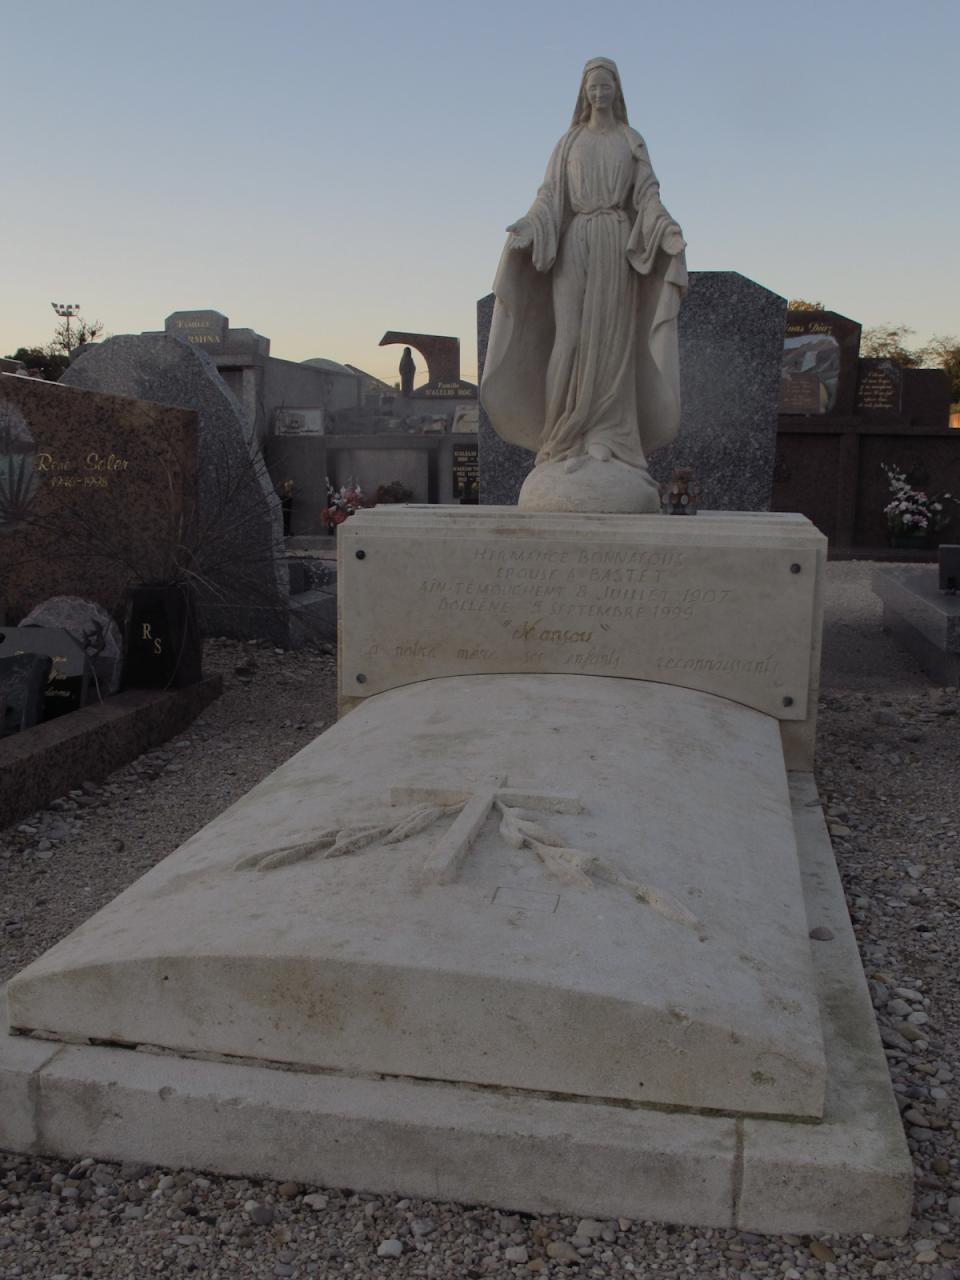 Tombe en pierre calcaire avec statue de sainte vierge et pierre tombale ornée